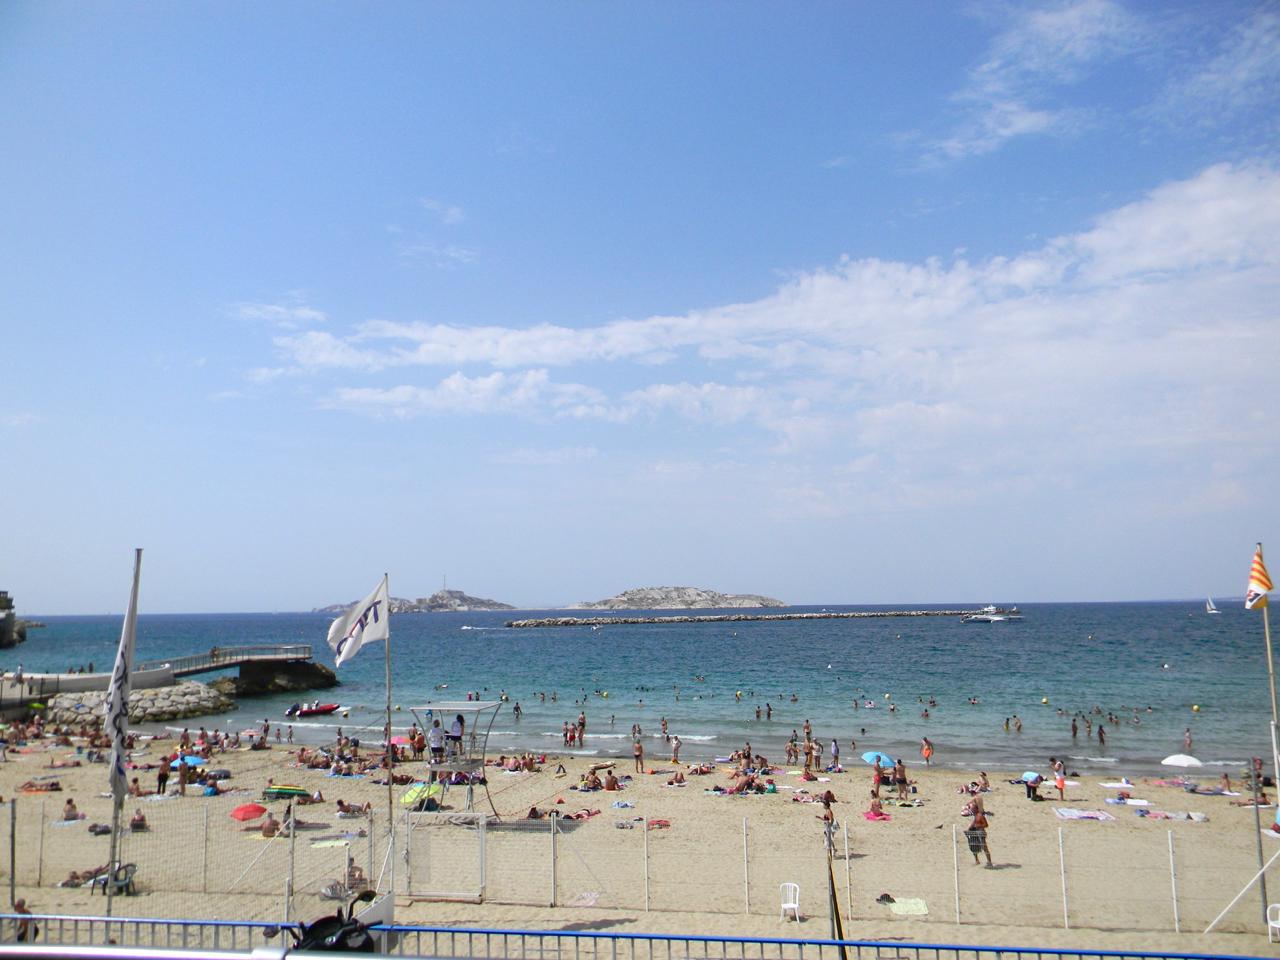 plage des catalans gastrogays marseille beach